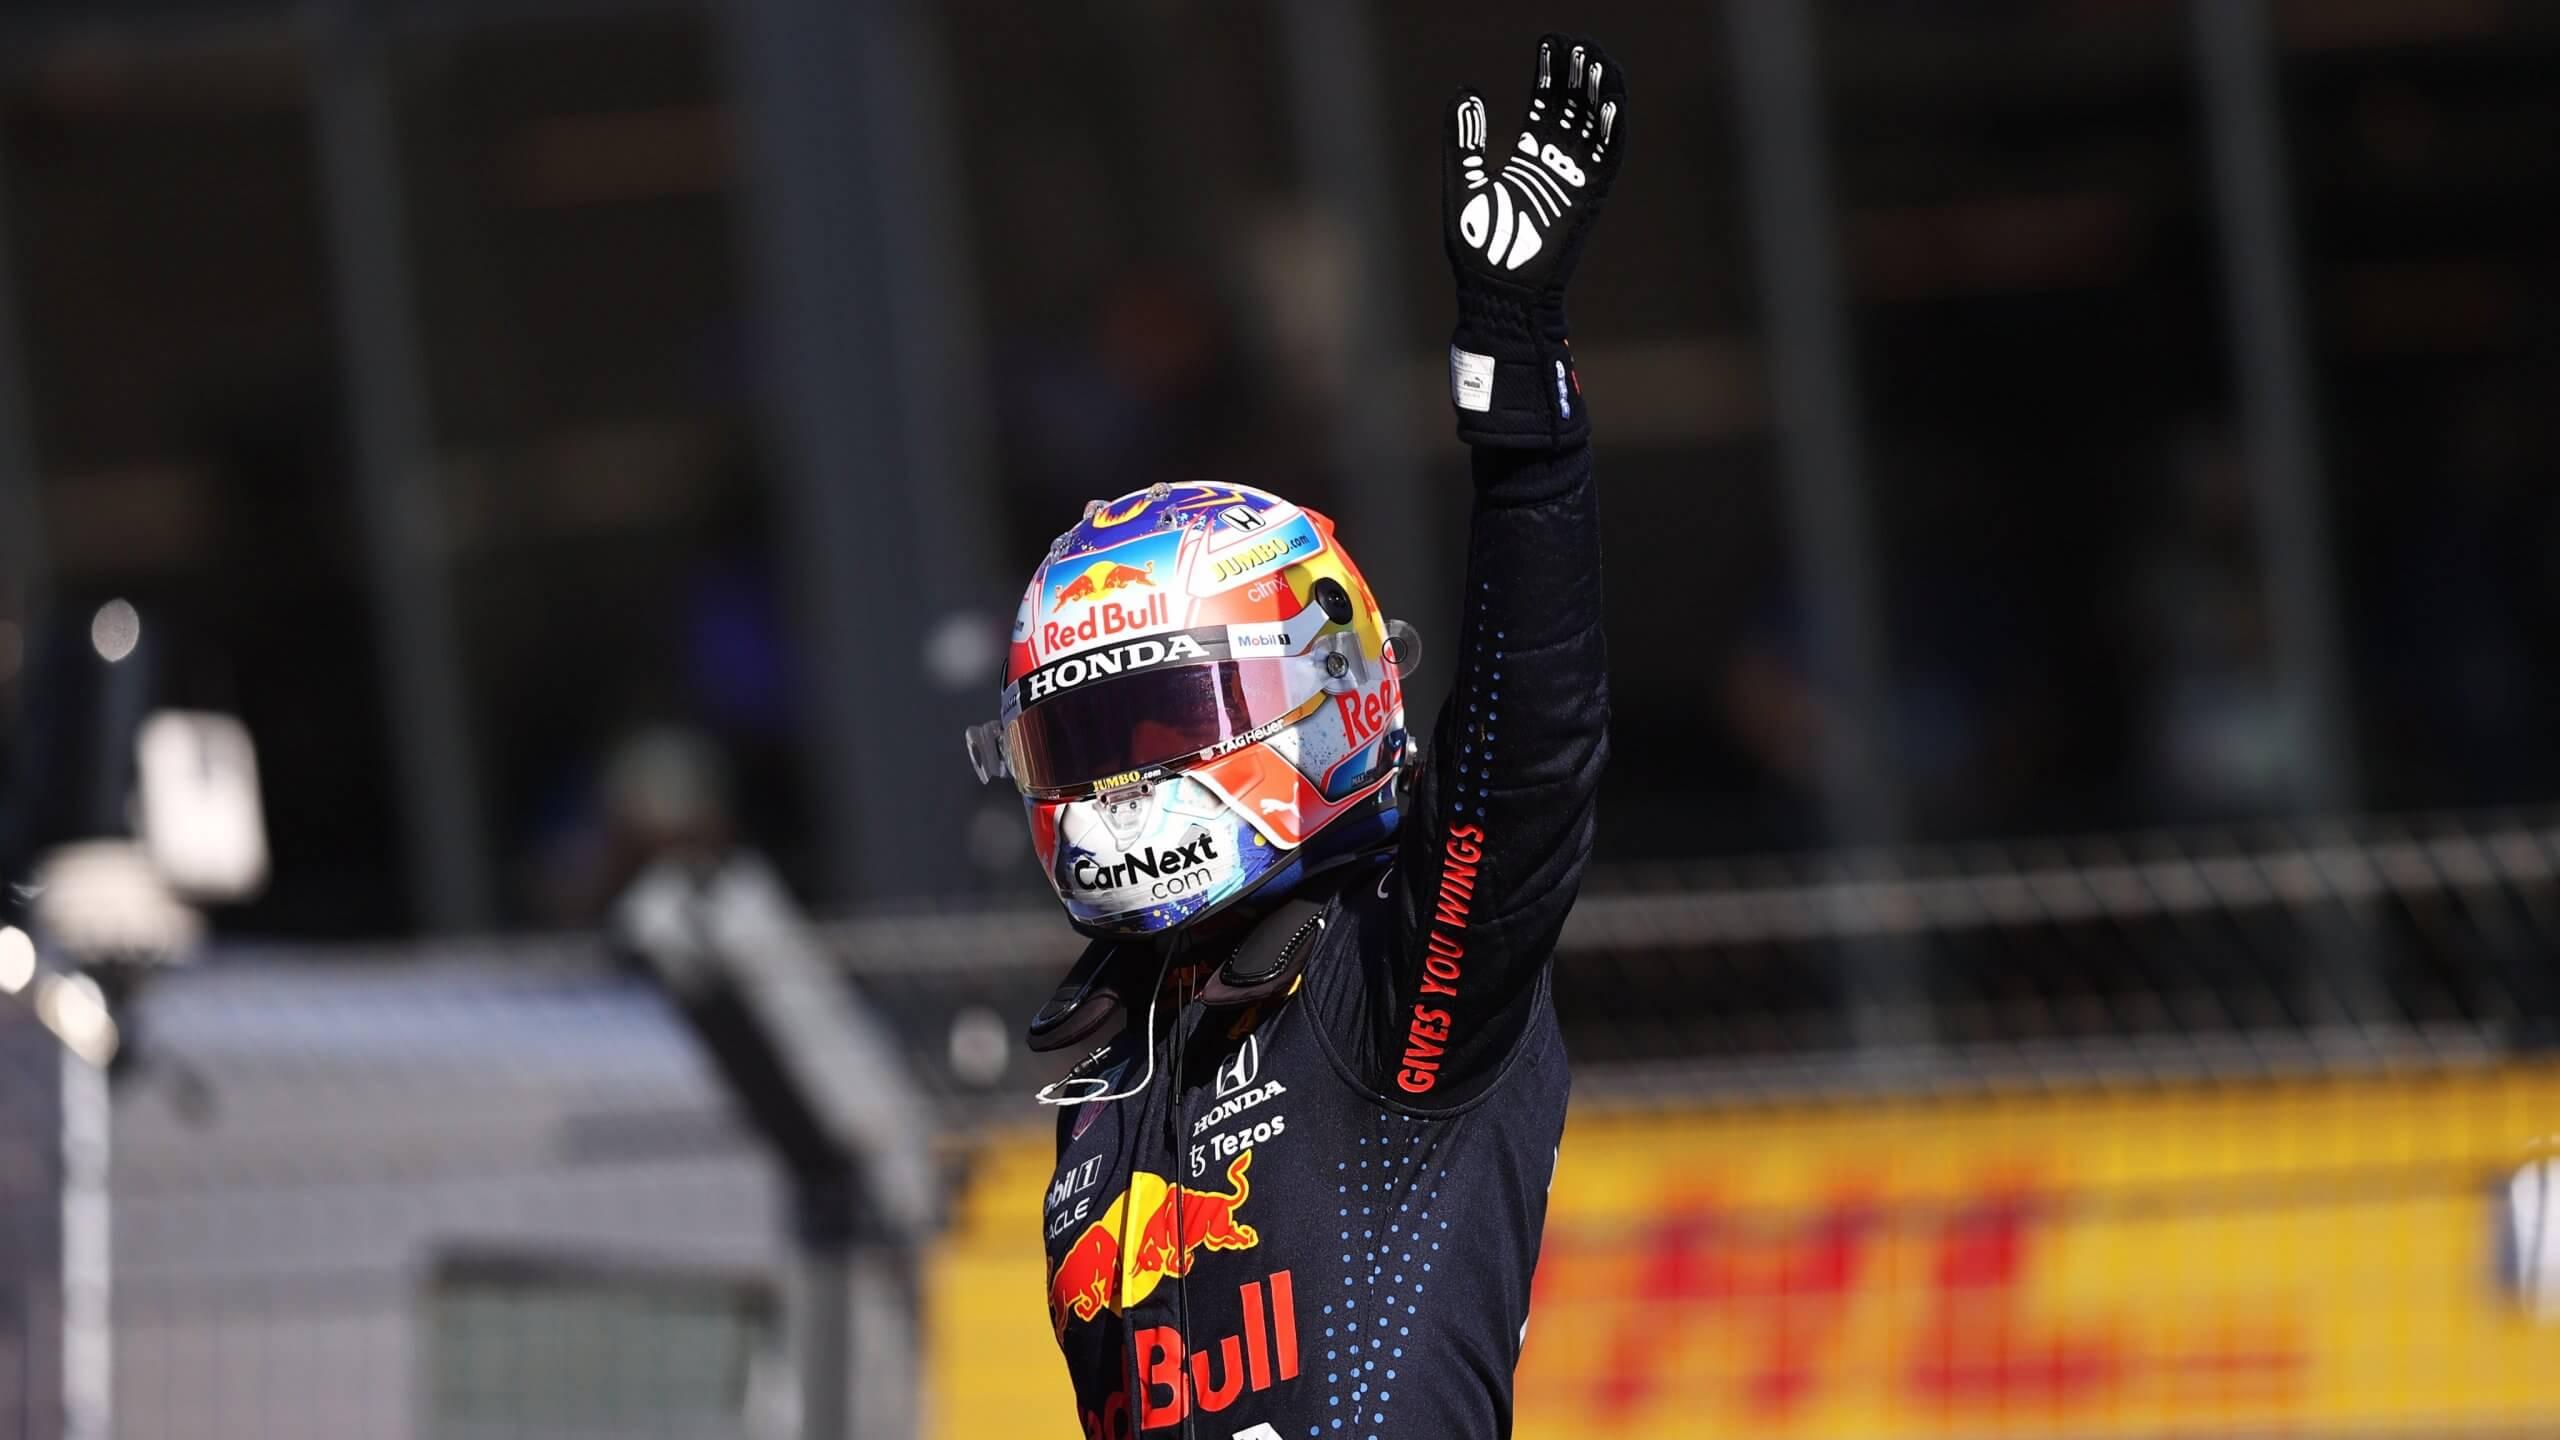 """¡Max Verstappen firma su séptima pole position de la temporada! """"Lo he disfrutado mucho"""""""